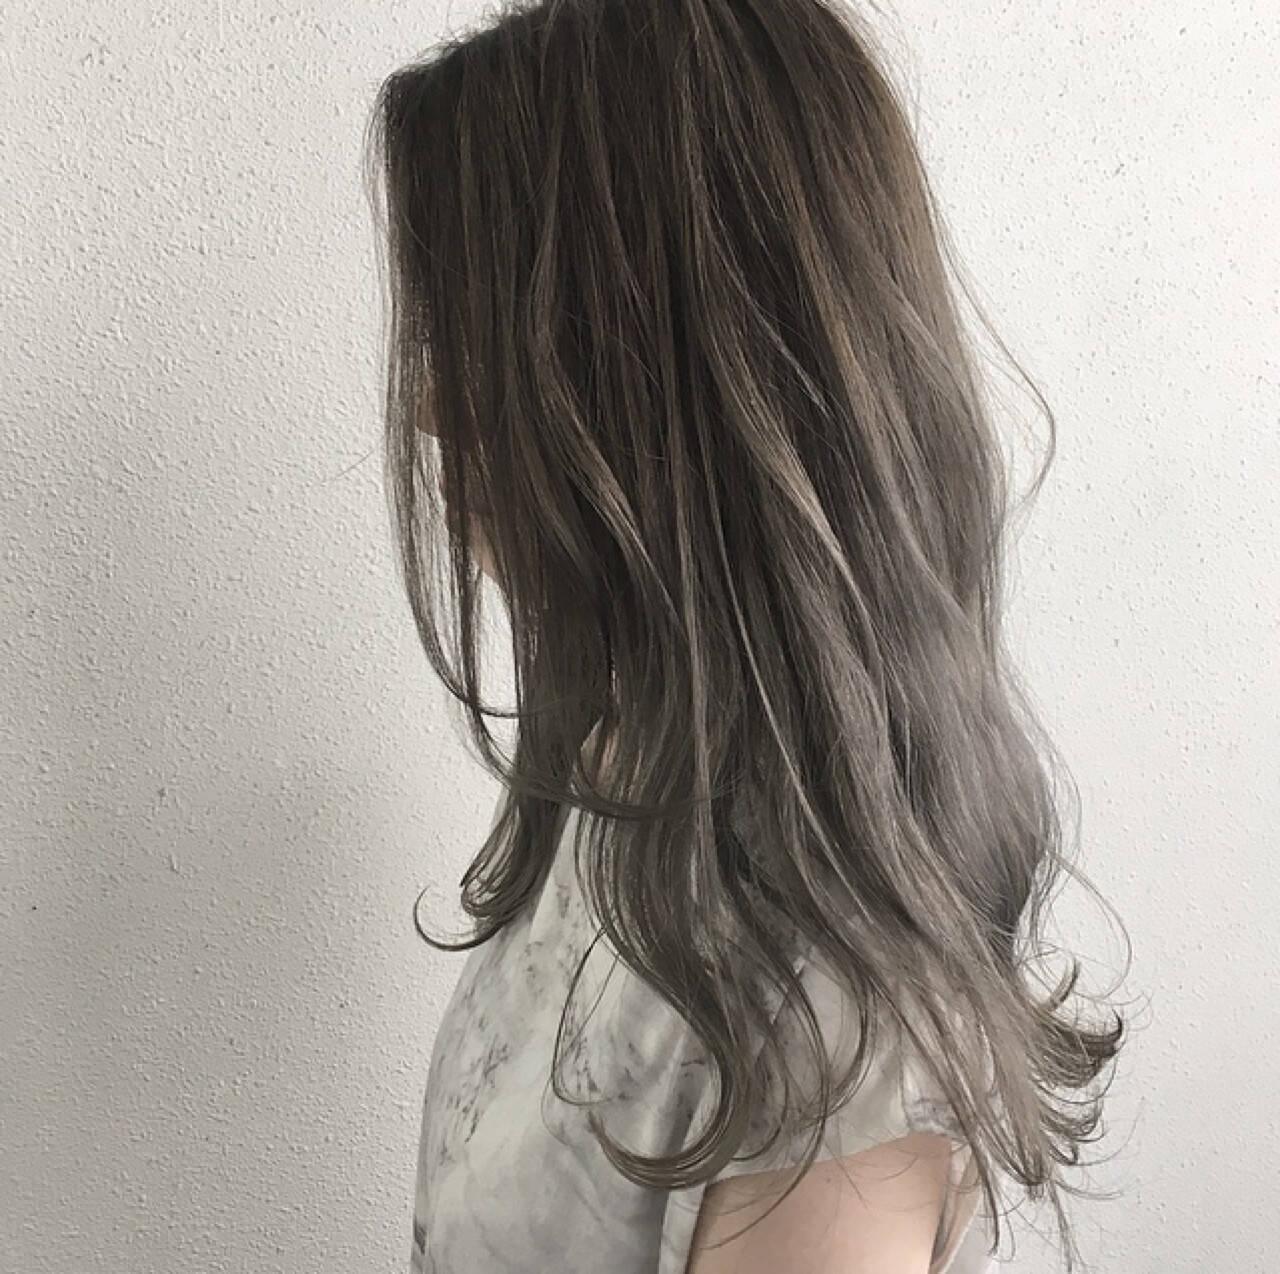 ハイライト グレージュ ロング ブリーチヘアスタイルや髪型の写真・画像